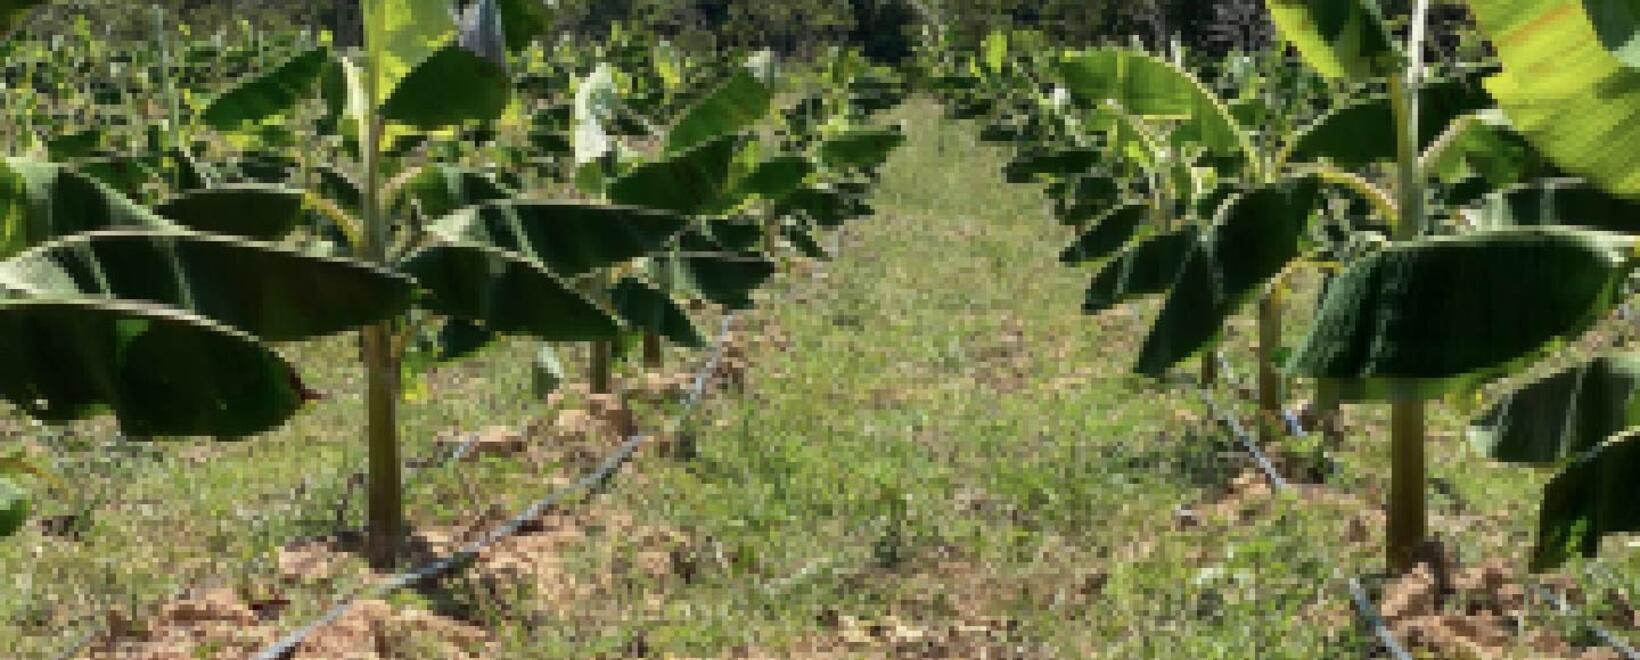 Métodos de prevención para las plagas en los cultivos de plátano y más encontrará en este boletín.